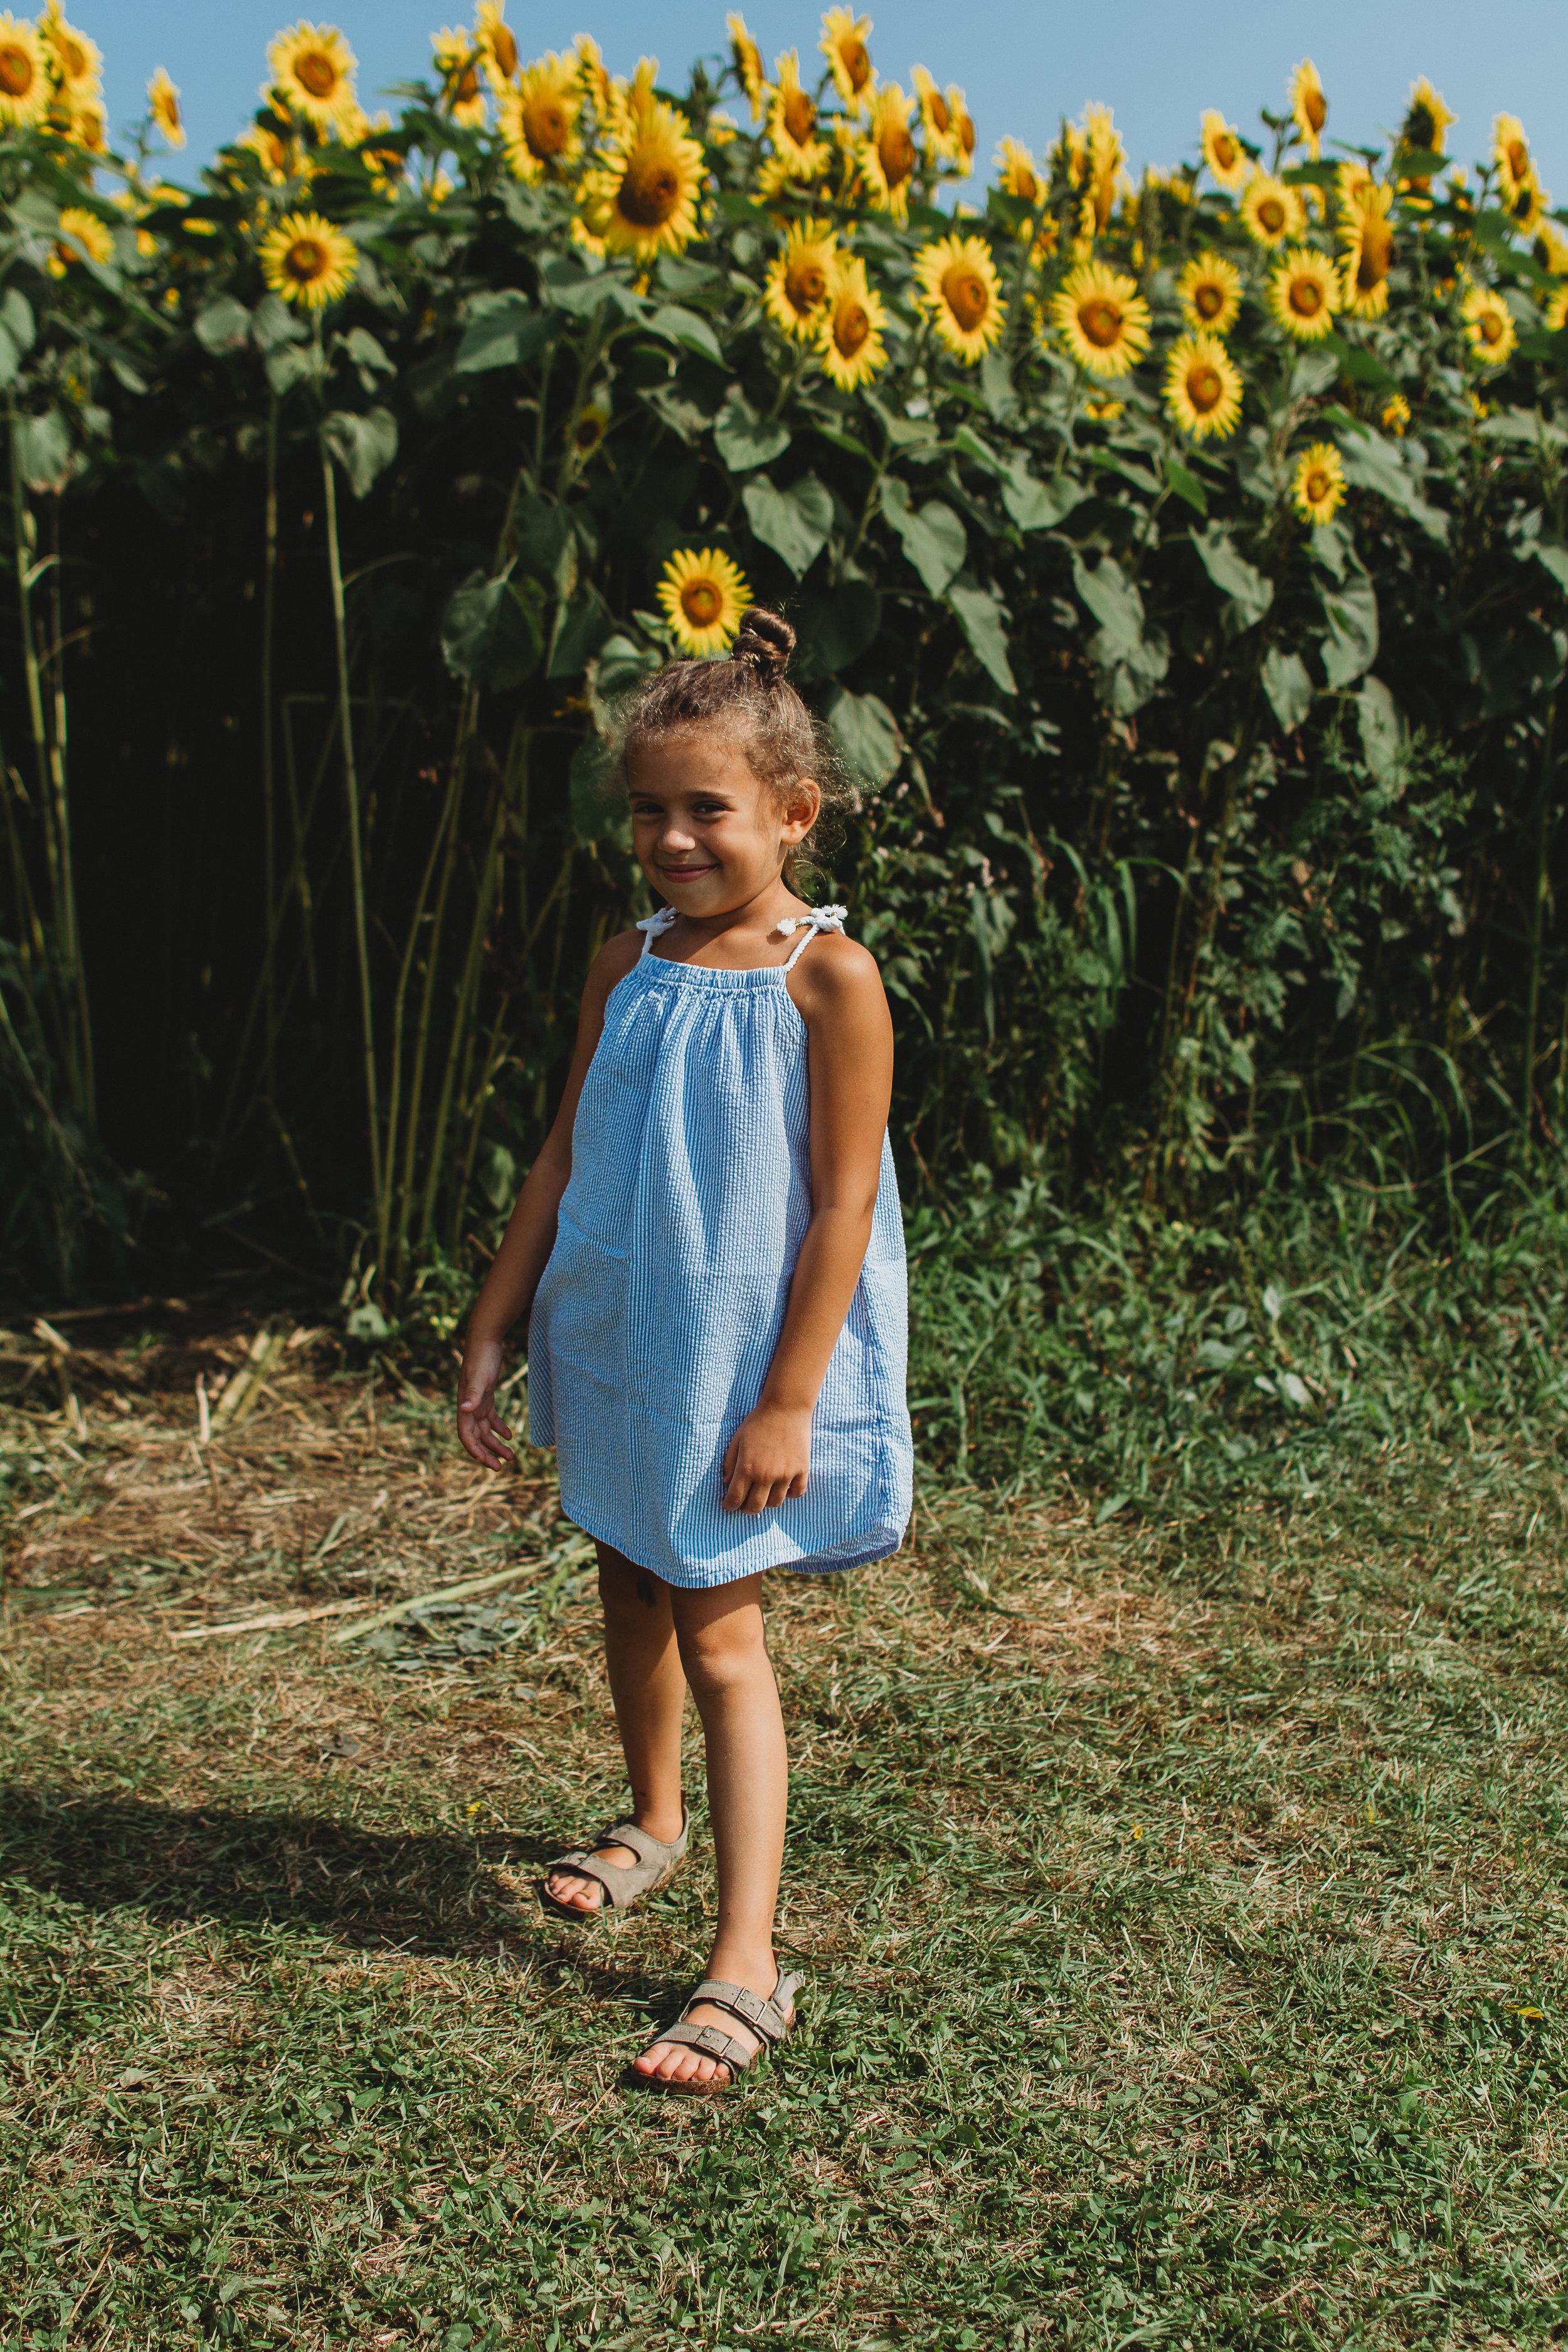 Colby Farm Sunflowers (41 of 58).jpg